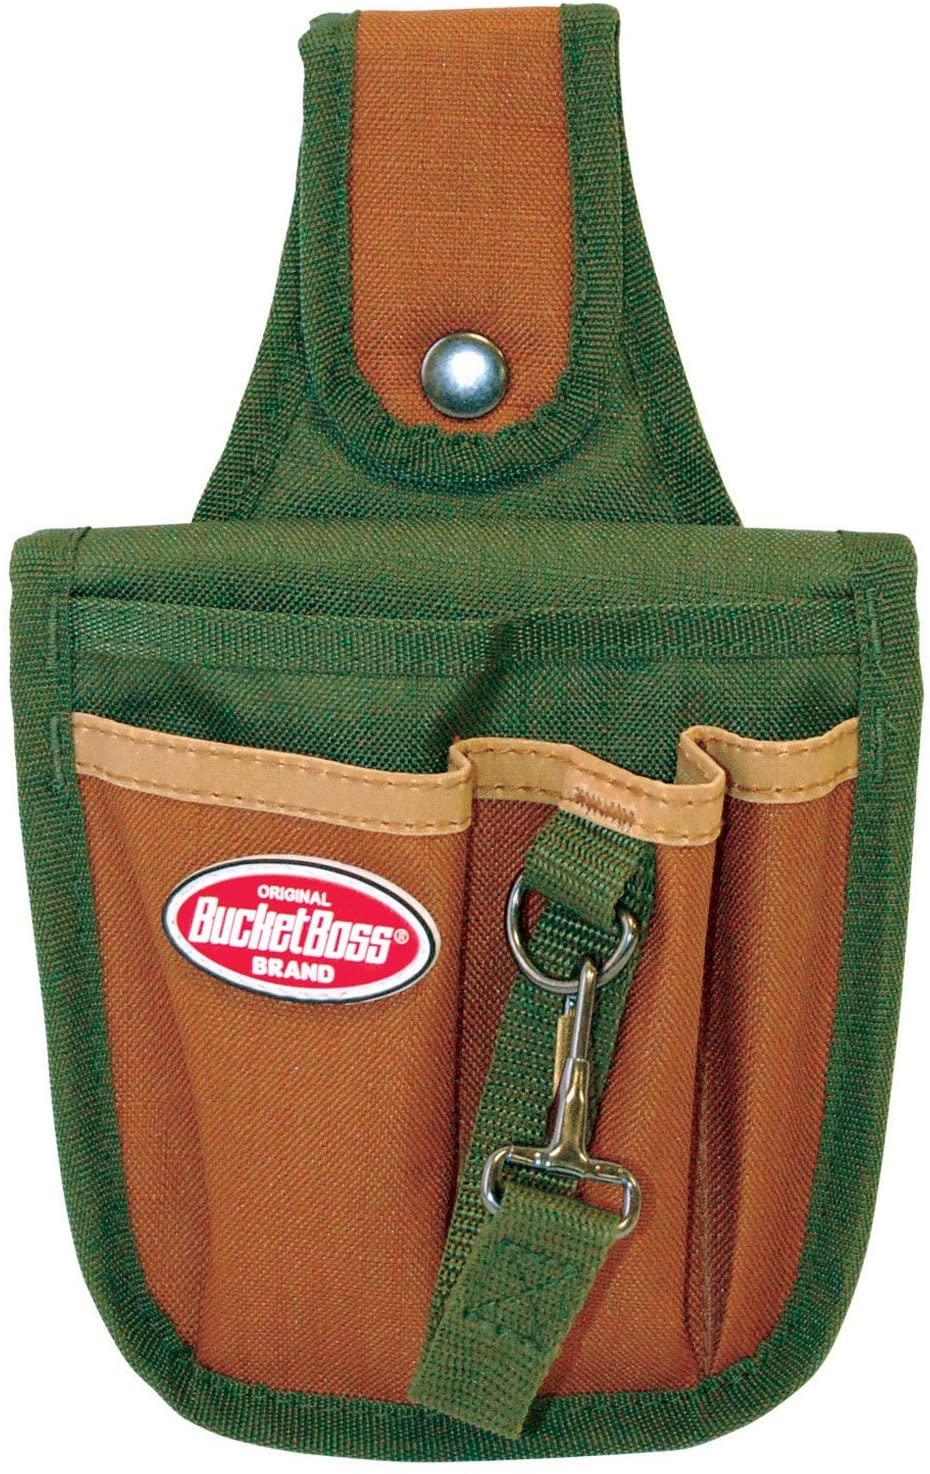 Bucket Boss Brand 54045 Rear Guard